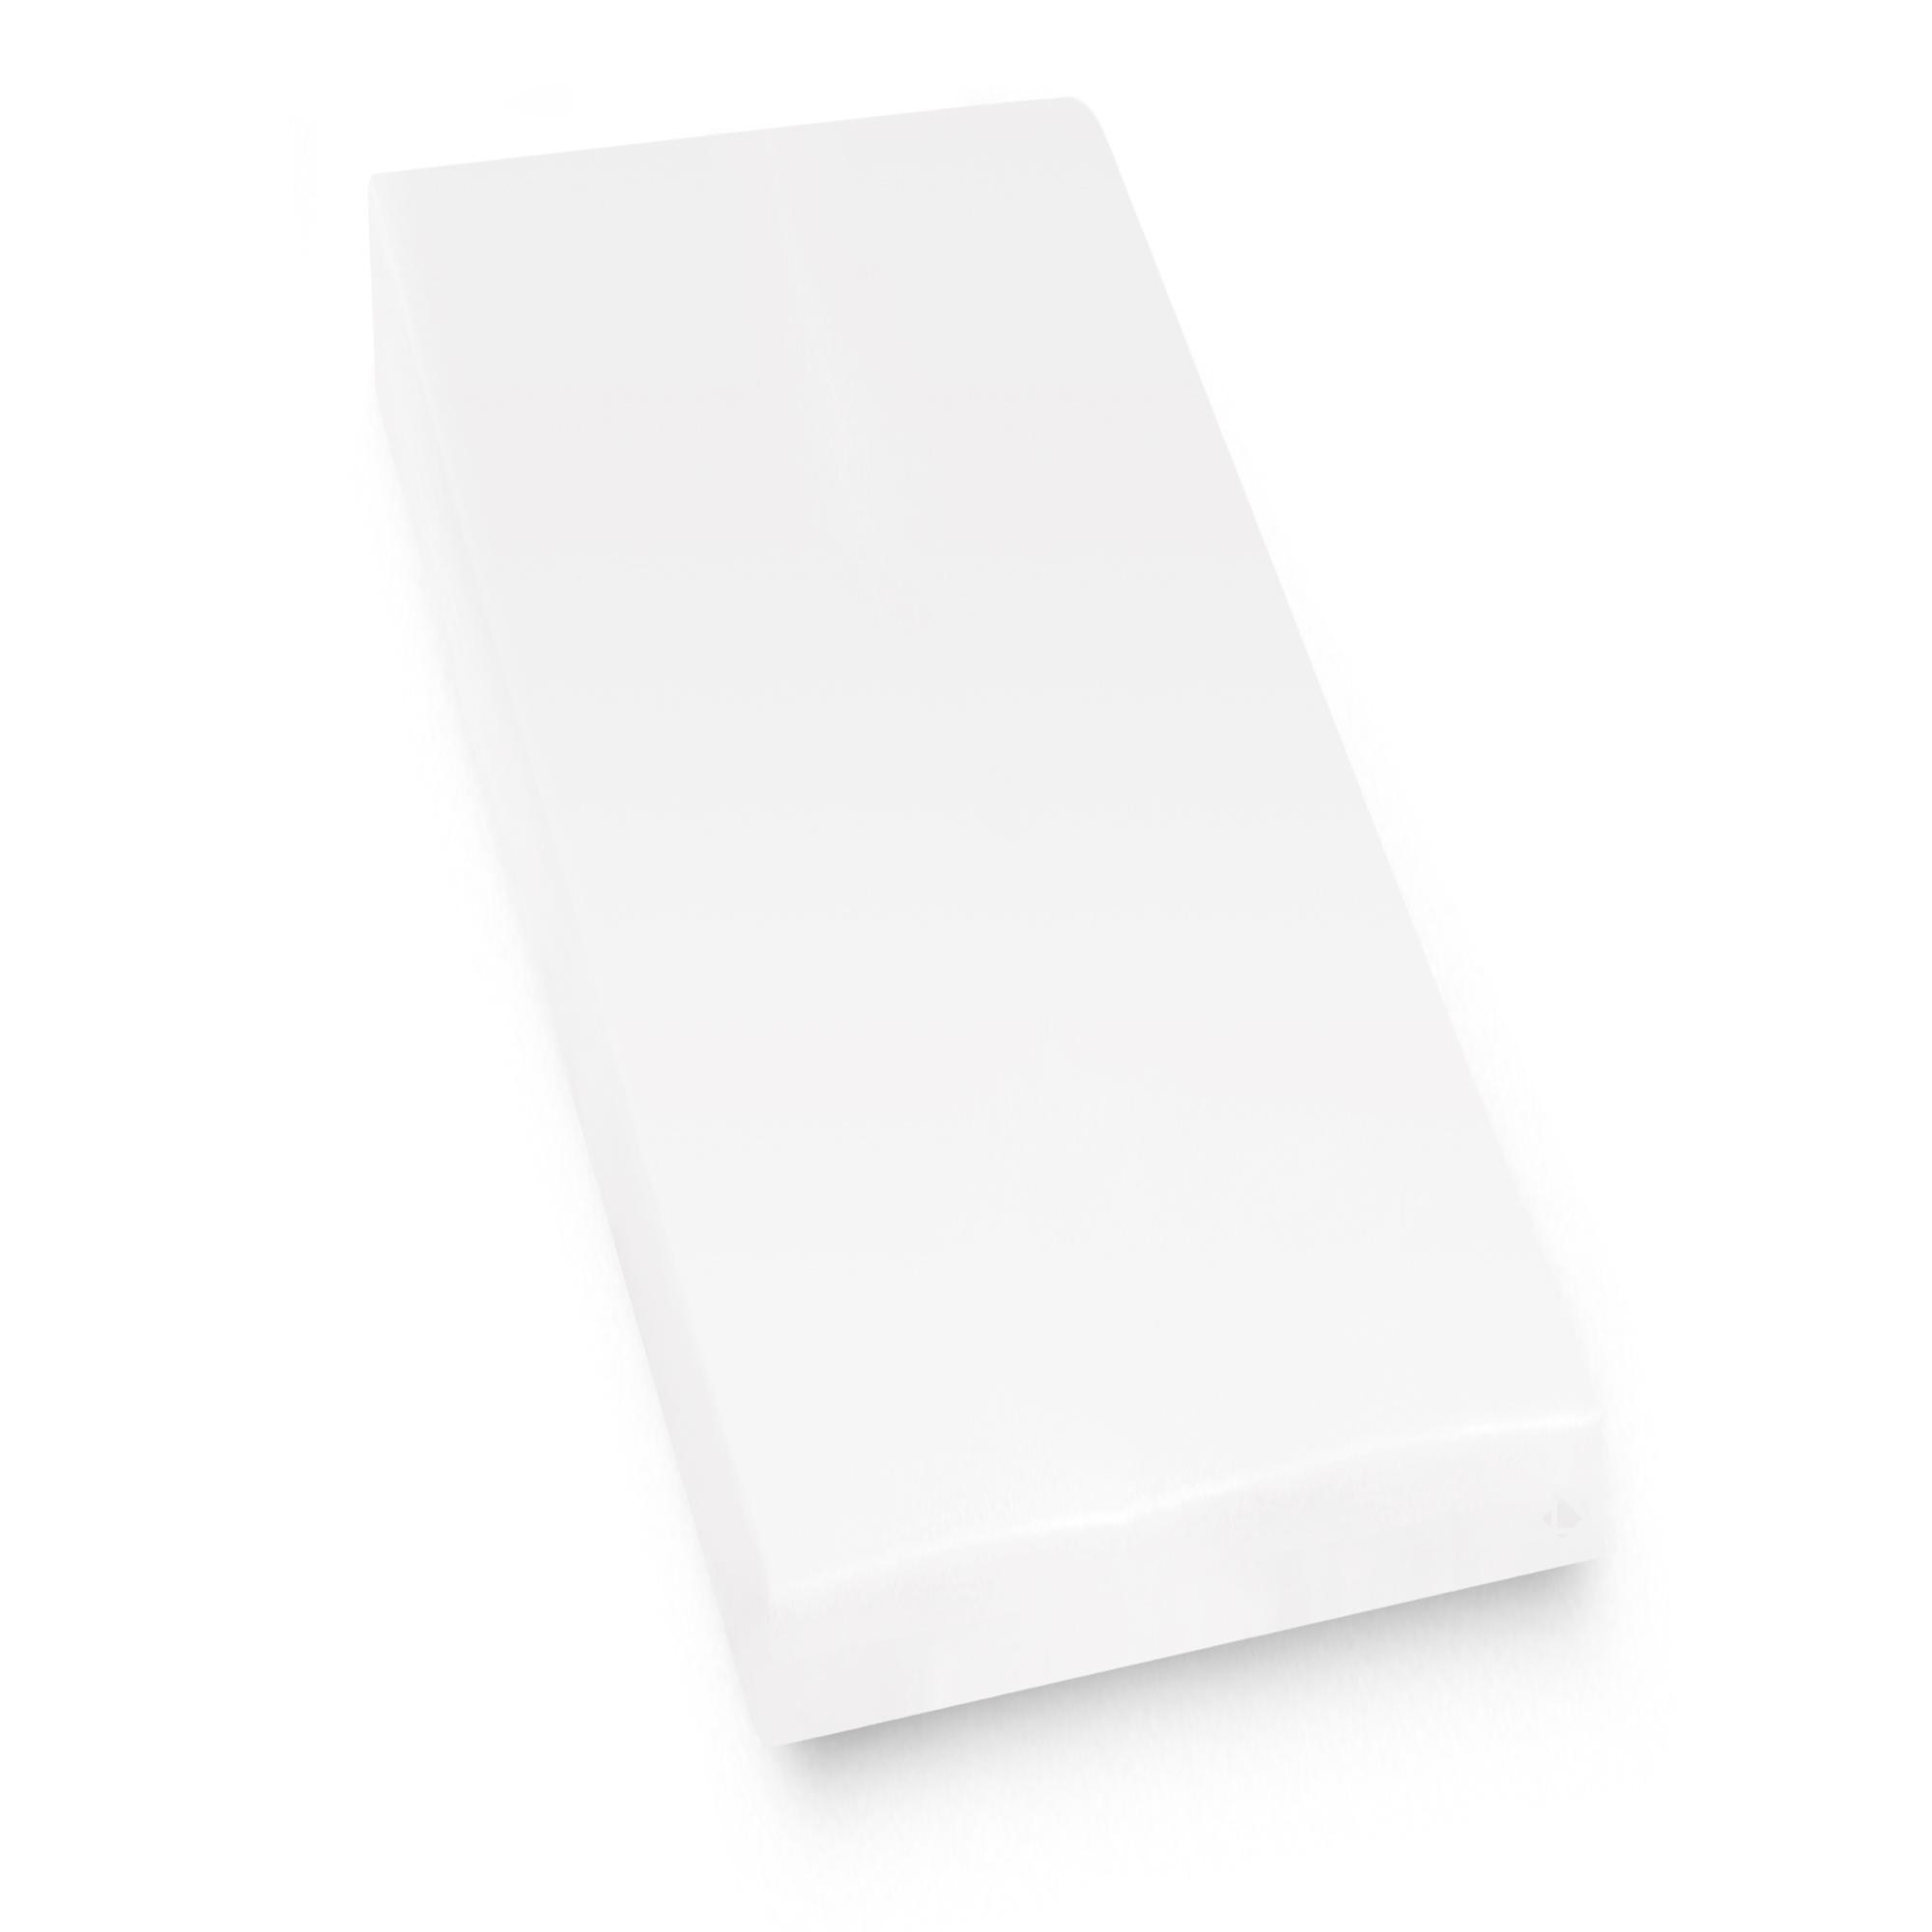 prot ge matelas imperm able 80x200 cm bonnet 30cm arnon molleton 100 coton contrecoll. Black Bedroom Furniture Sets. Home Design Ideas